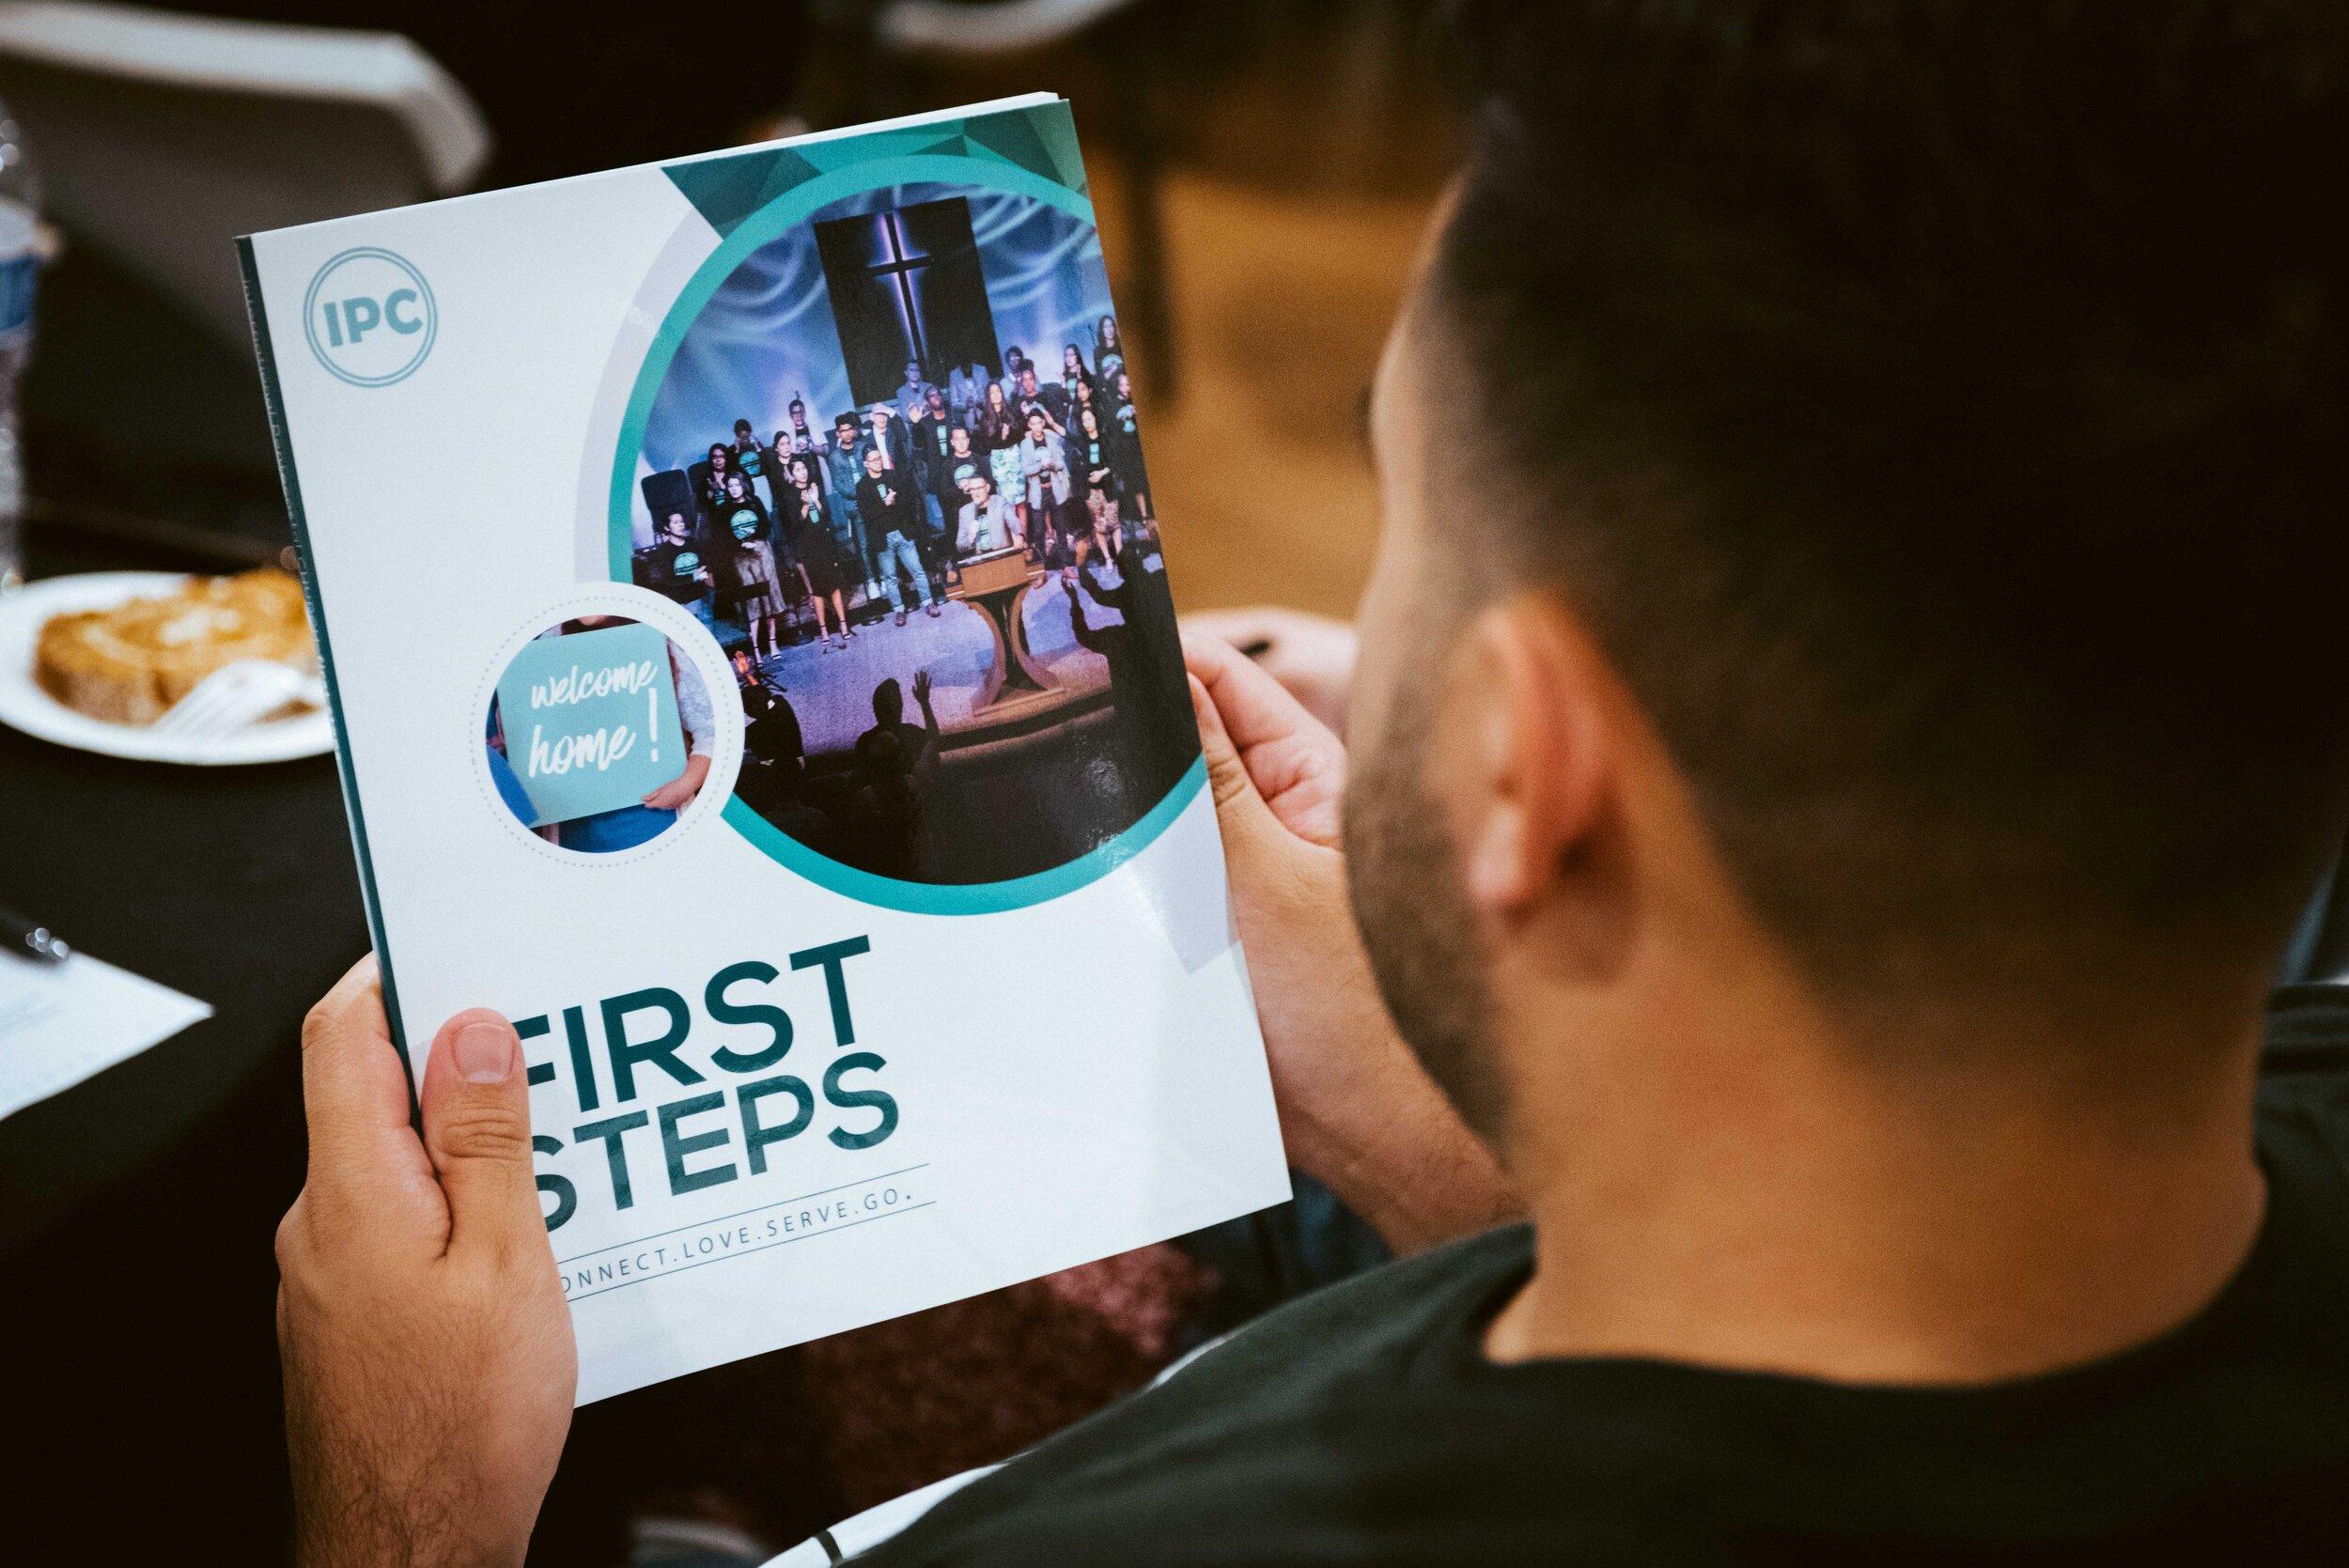 First Steps International Pentecostal Church